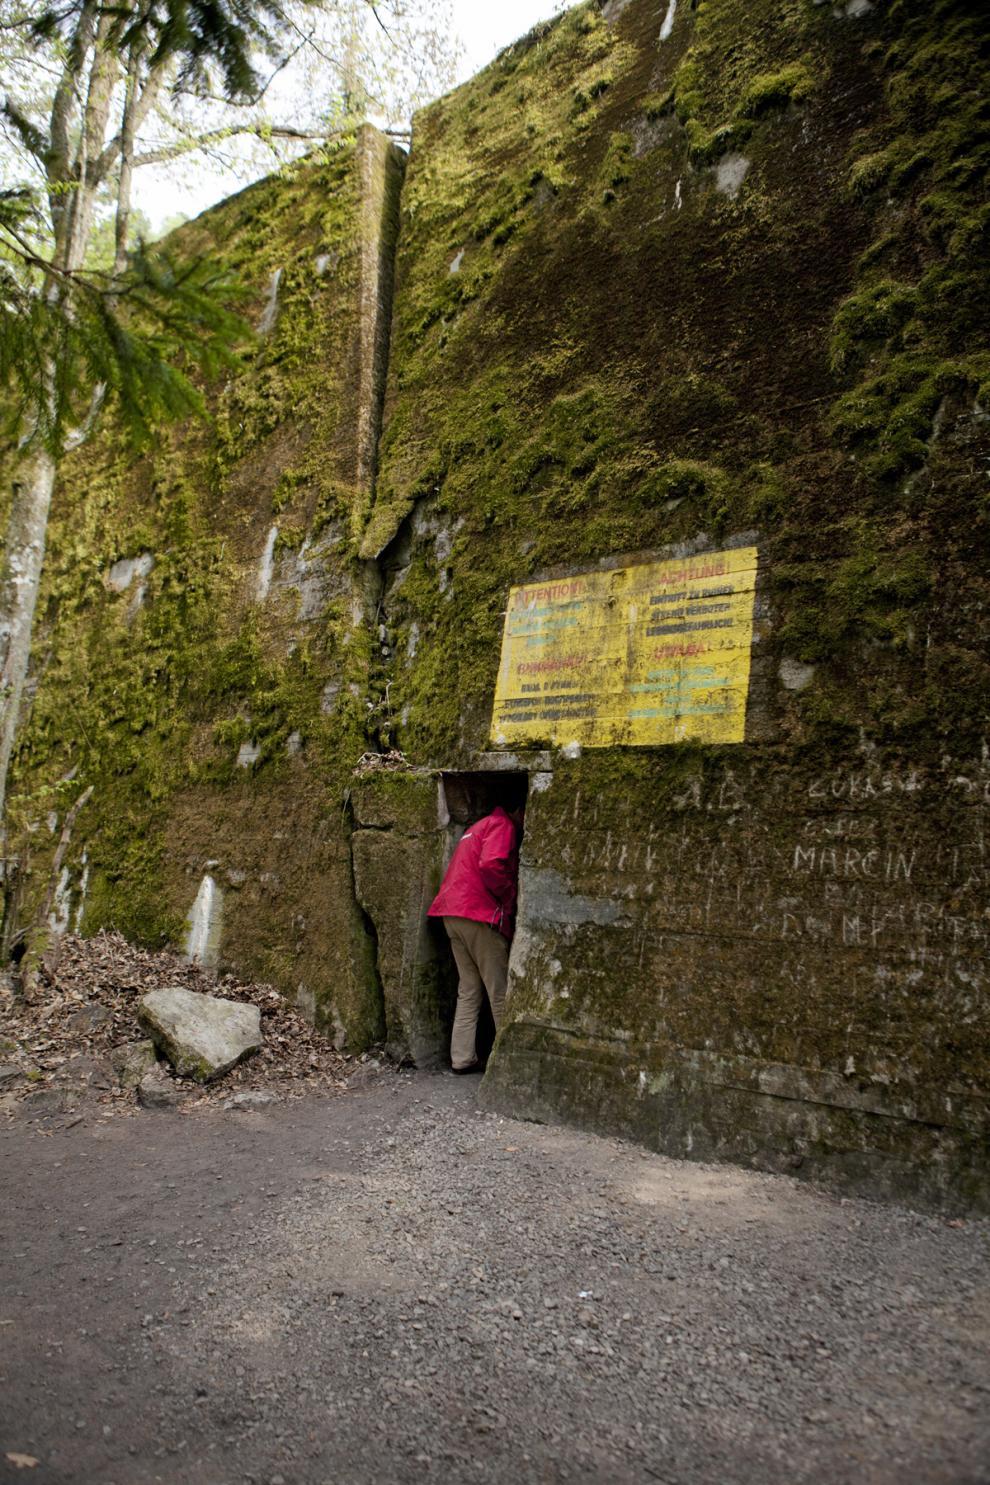 Nazisternas bunkrar ligger som små bergknallar i skogen. Jadwiga Korowaj guidar turister året om.